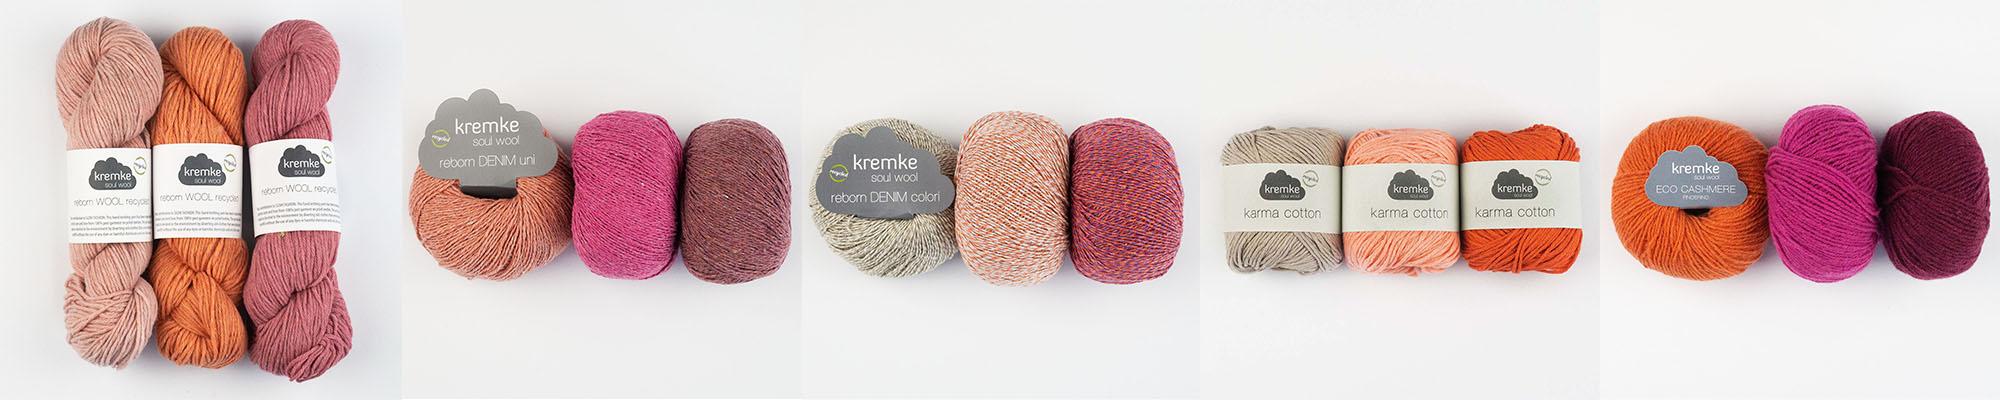 Kremke-Soul-Wool-Recycling-Garne